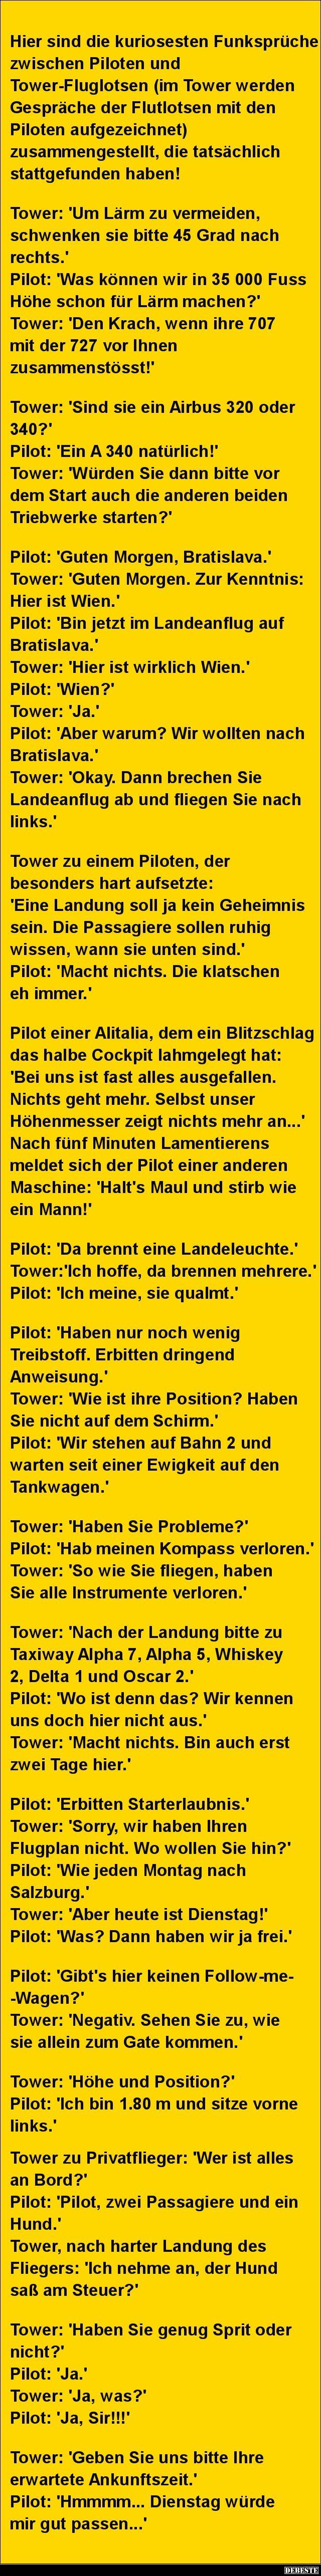 Hier sind die kuriosesten Funksprüche zwischen Piloten..